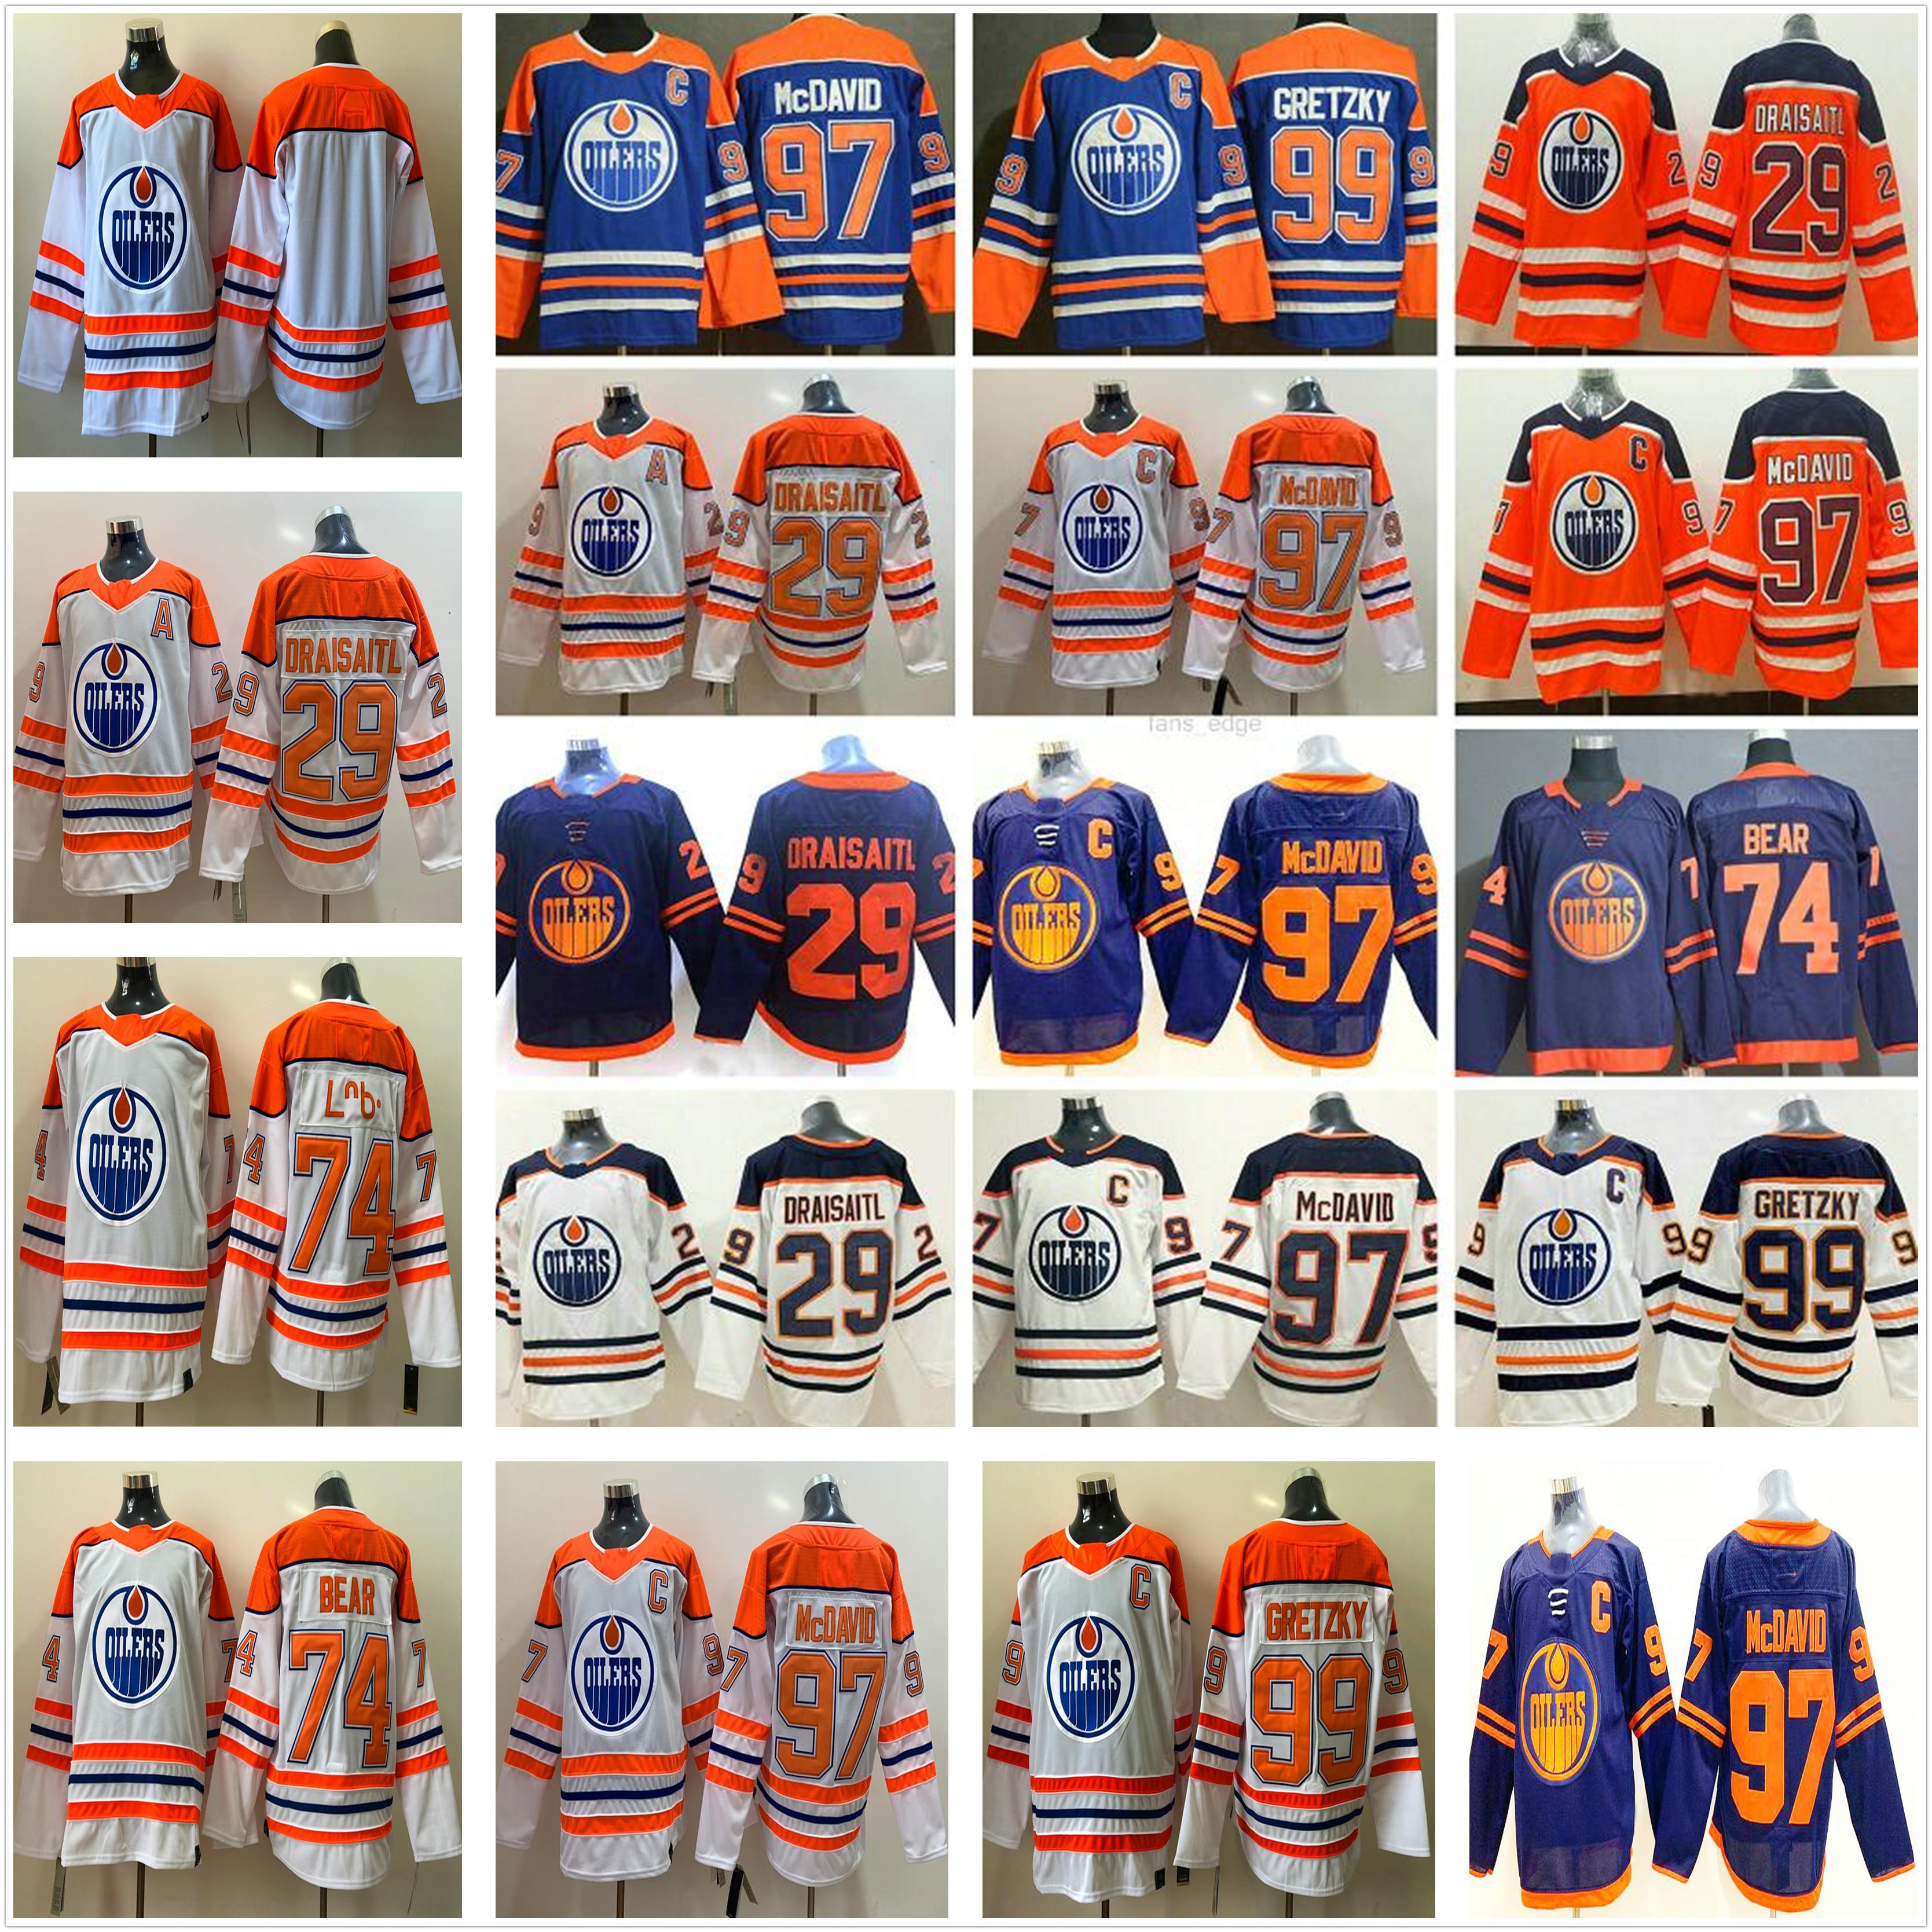 2021 عكس ريترو الأبيض إدمونتون زيتي الهوكي الفانيلة 97 كونور ماجدافيد 29 ليون درايسيتل 99 وين Gretzky 93 ريان ناجين هوبكينز 74 إيثان الدب كل مخيط